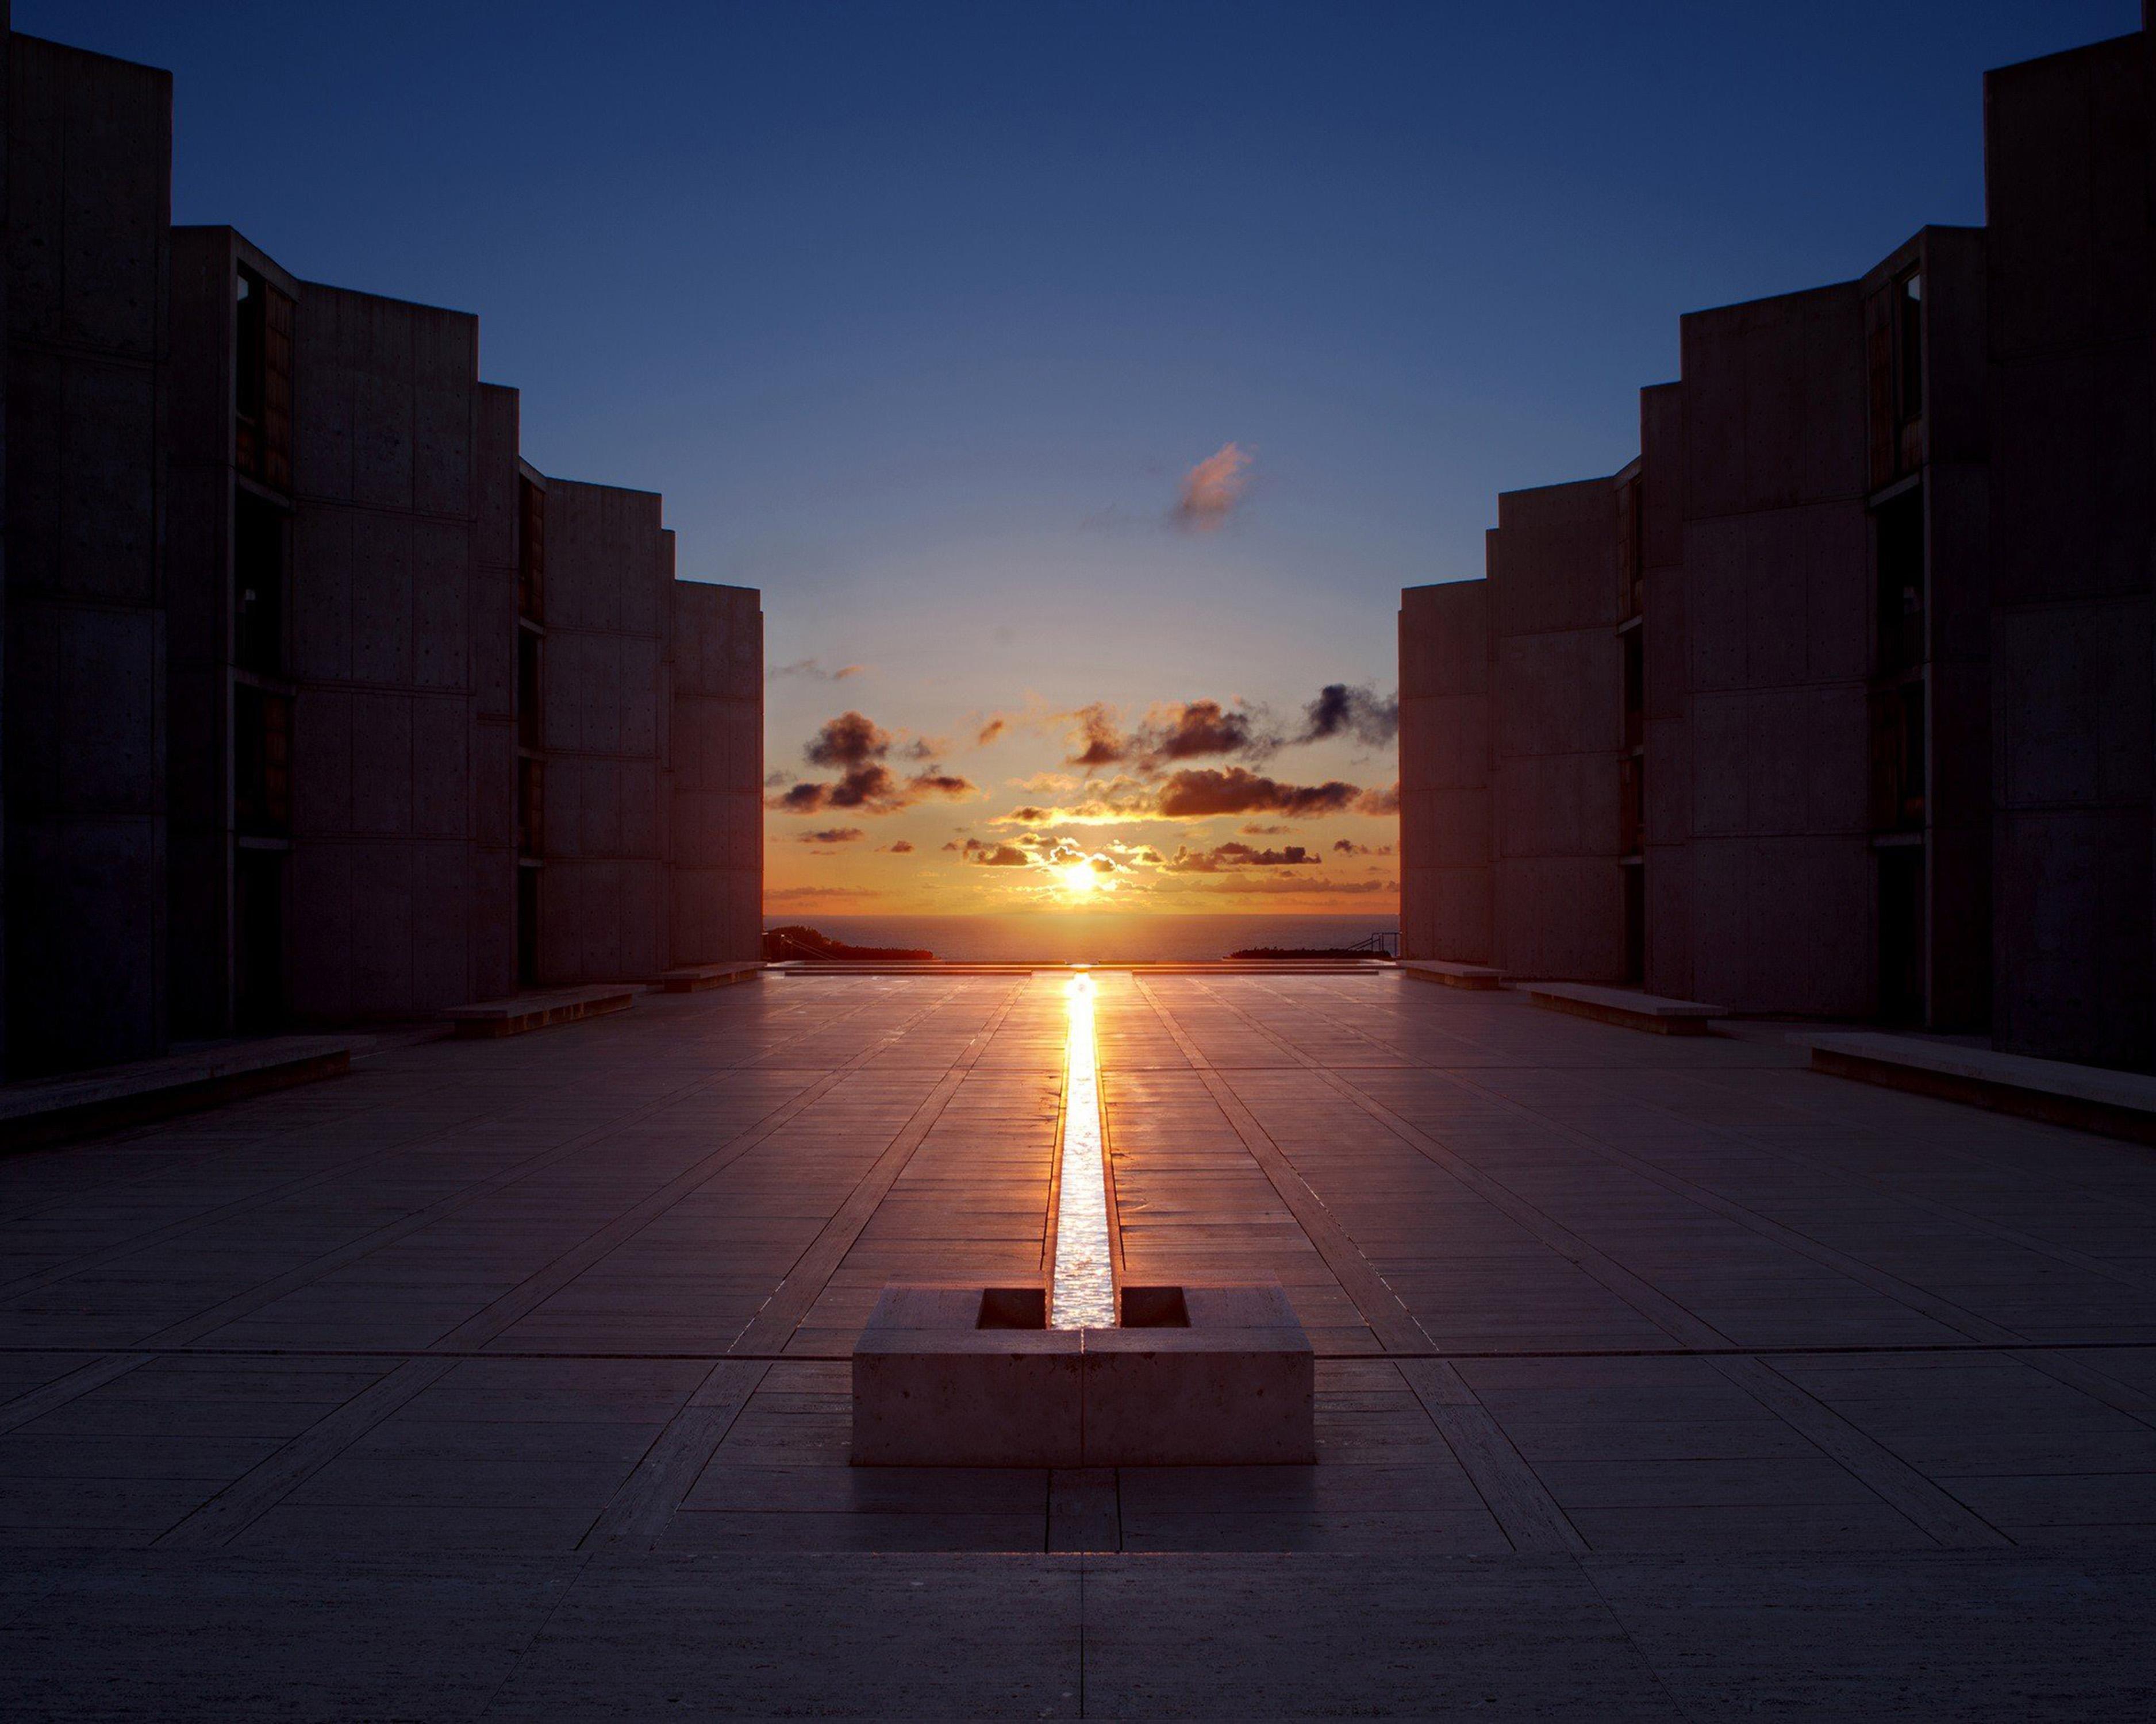 位於加州聖地牙哥的沙克生物研究中心,是美國著名建築師路易斯康的代表作。每年春分和秋分這兩天,夕陽正好直射在名為